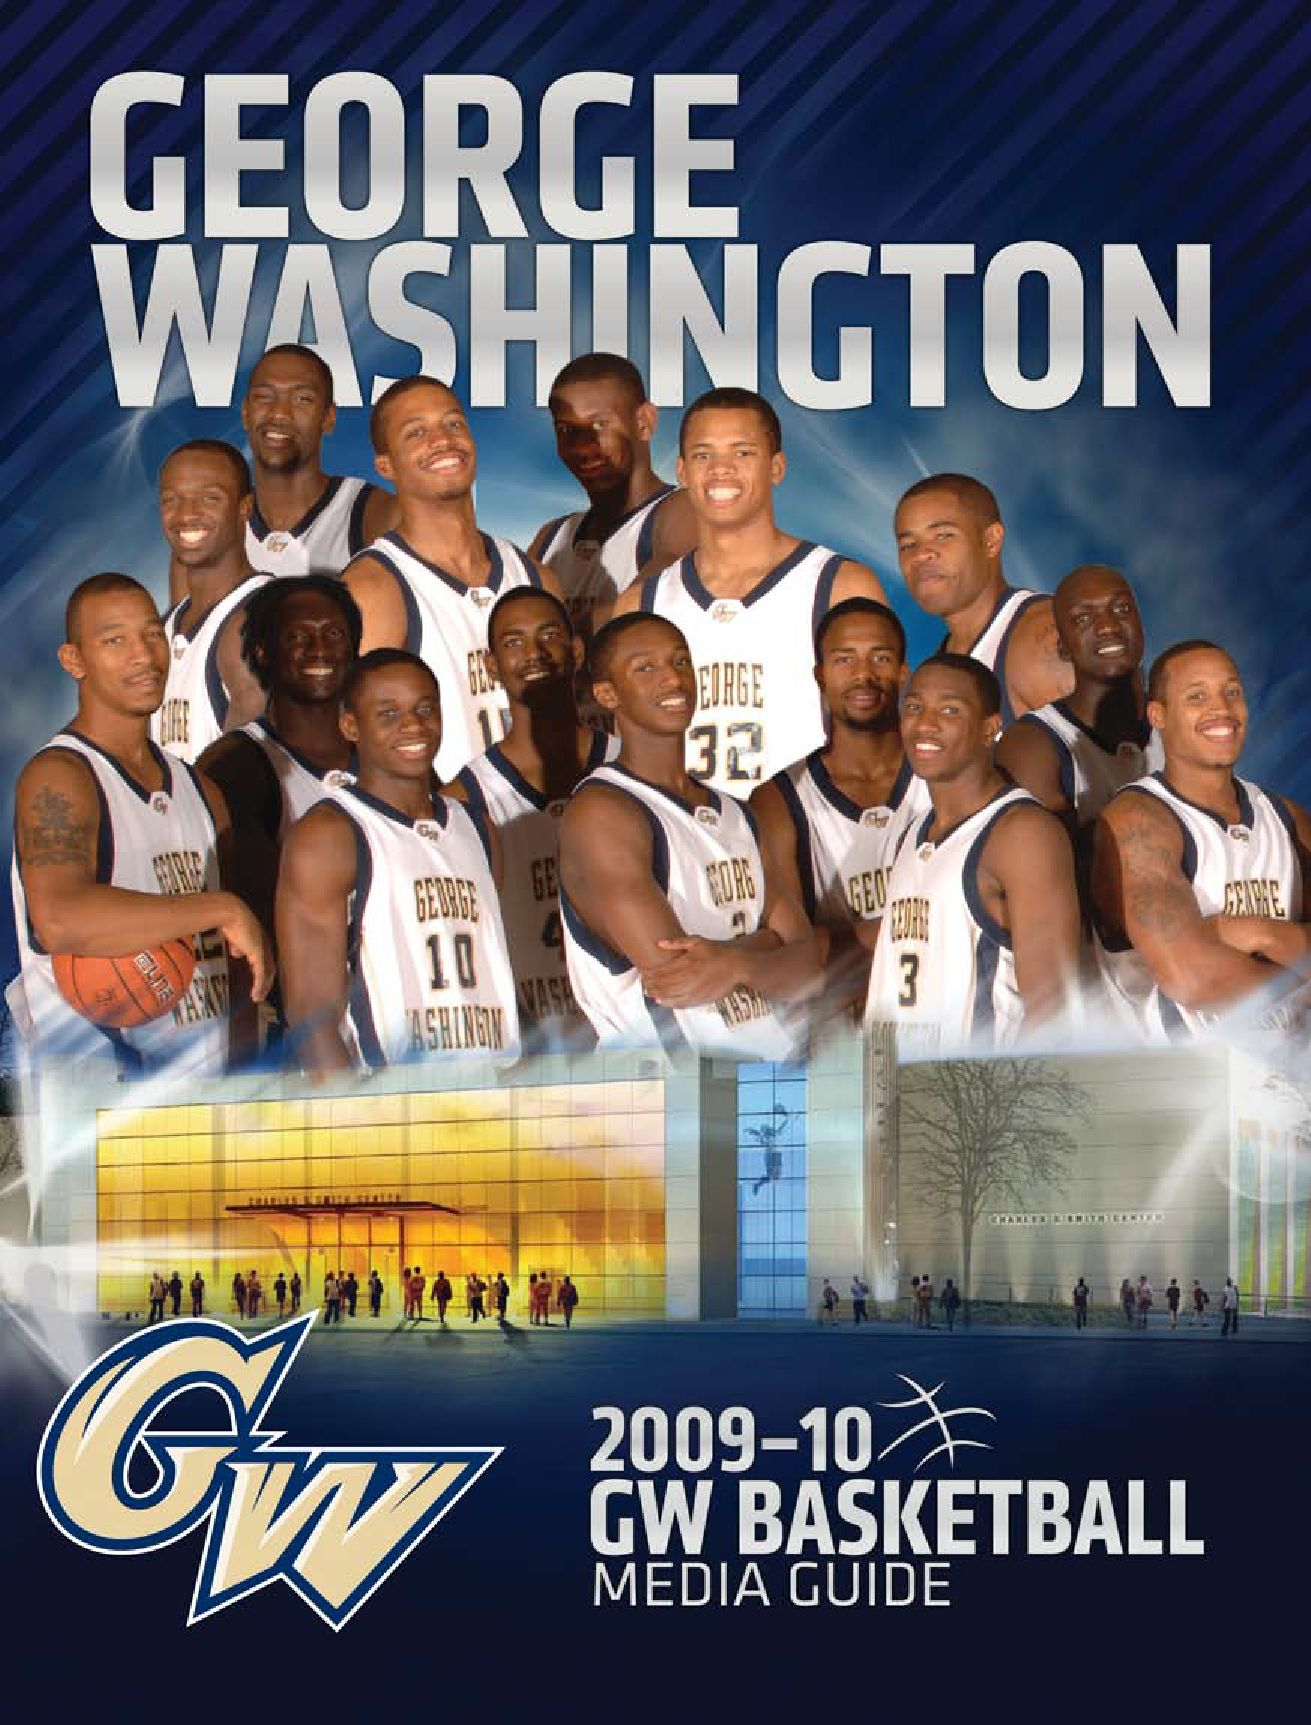 2009 10 GW Men s Basketball Media Guide by Jesse Hooker issuu